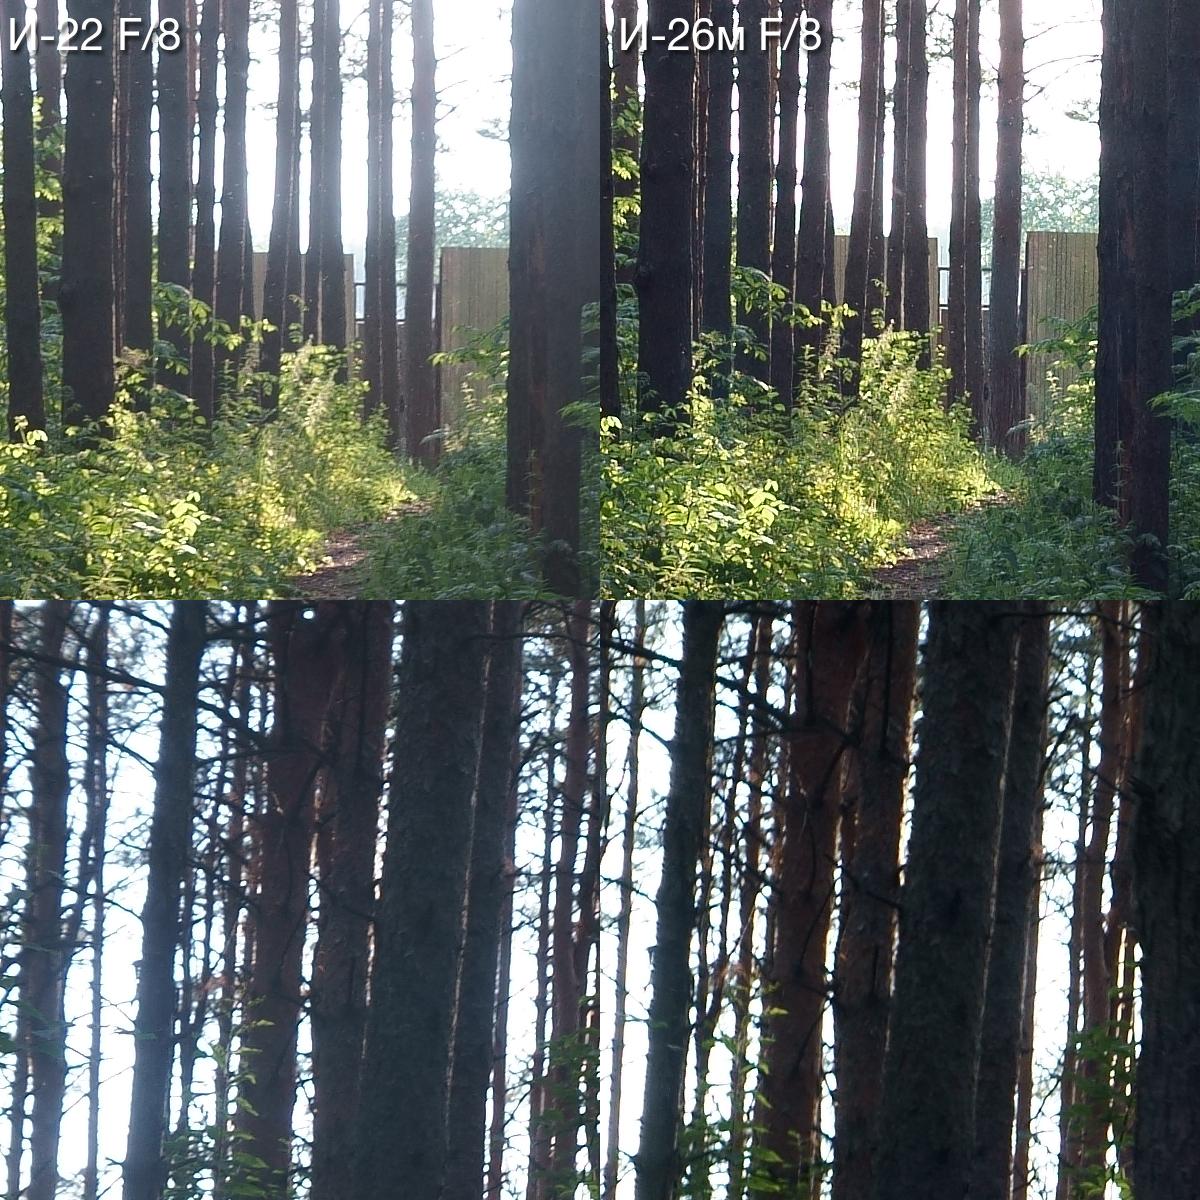 Кропы центра кадра (верхний ряд) и края изображения (нижний ряд) для пятой серии снимков на Индустар-22 и Индустар-26м.